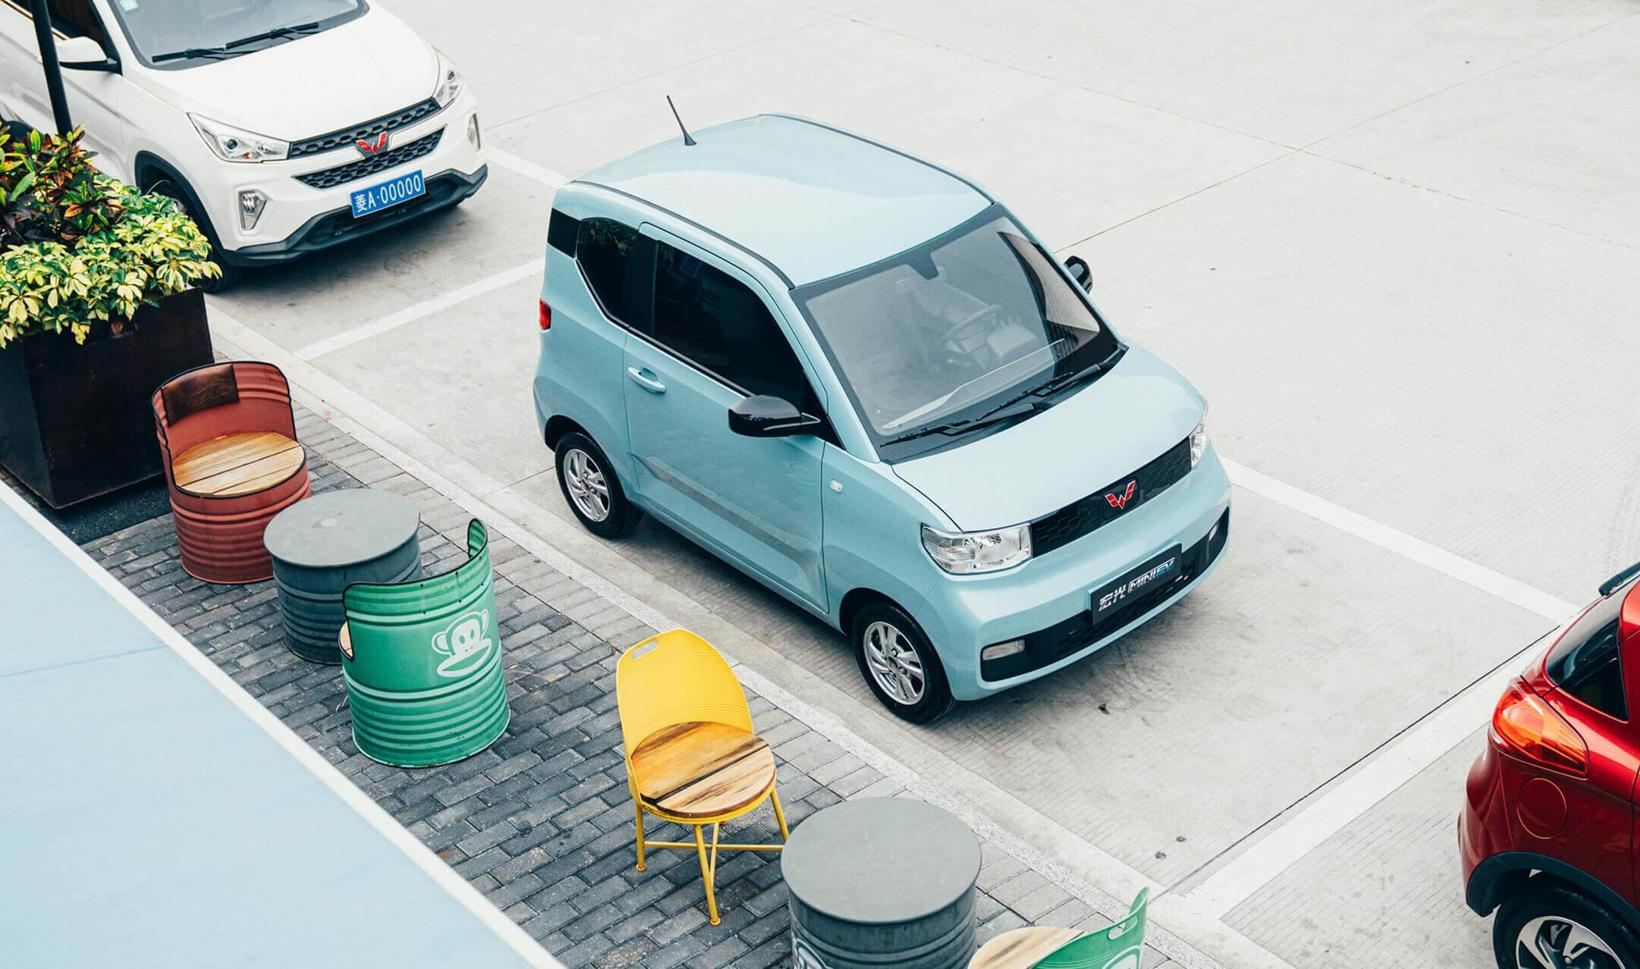 今年四个月卖了18万辆 明年新能源汽车下乡继续搞事情